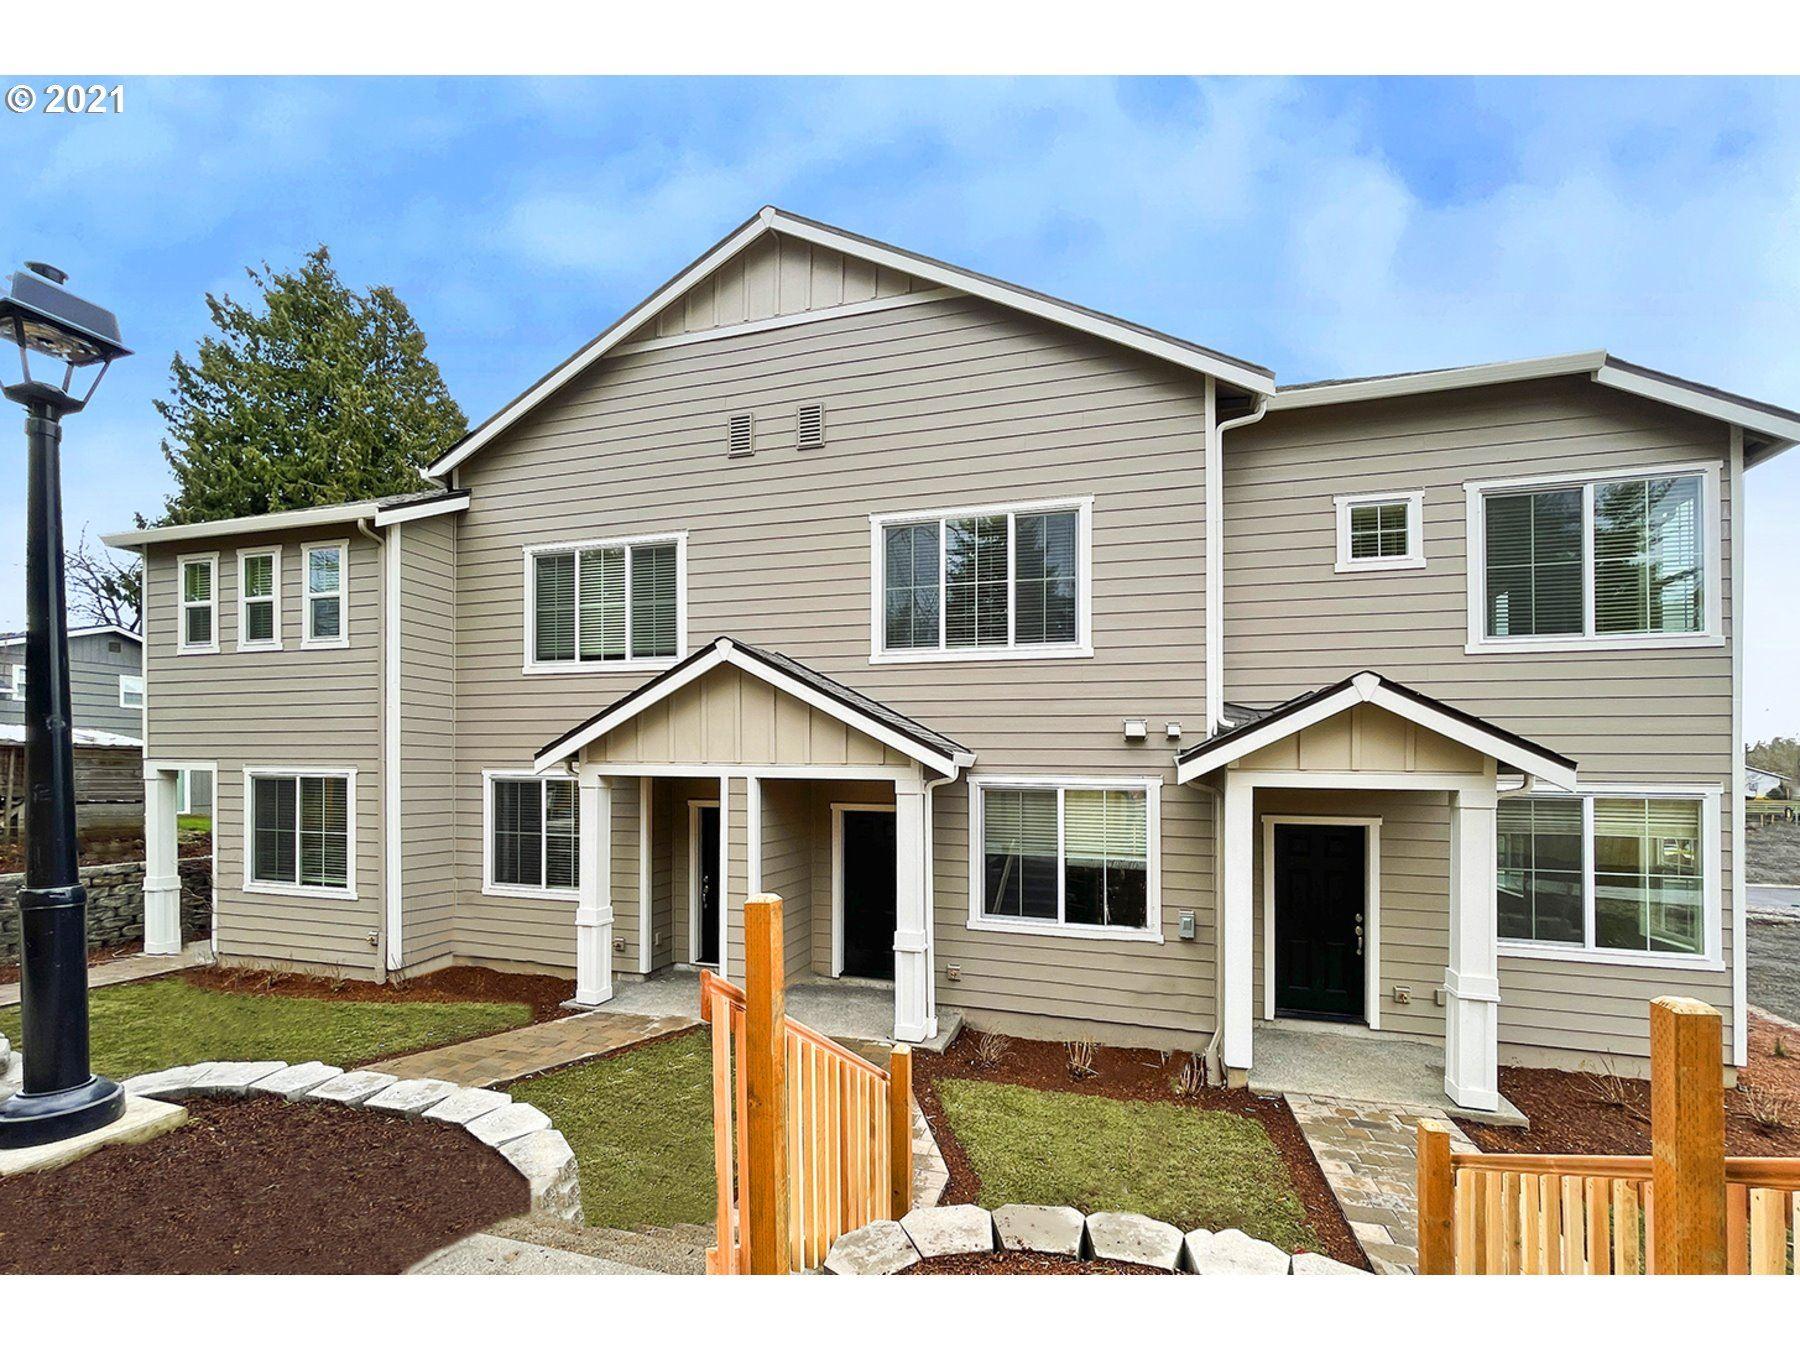 75 NE 134TH PL, Portland, OR 97230 - MLS#: 21201003